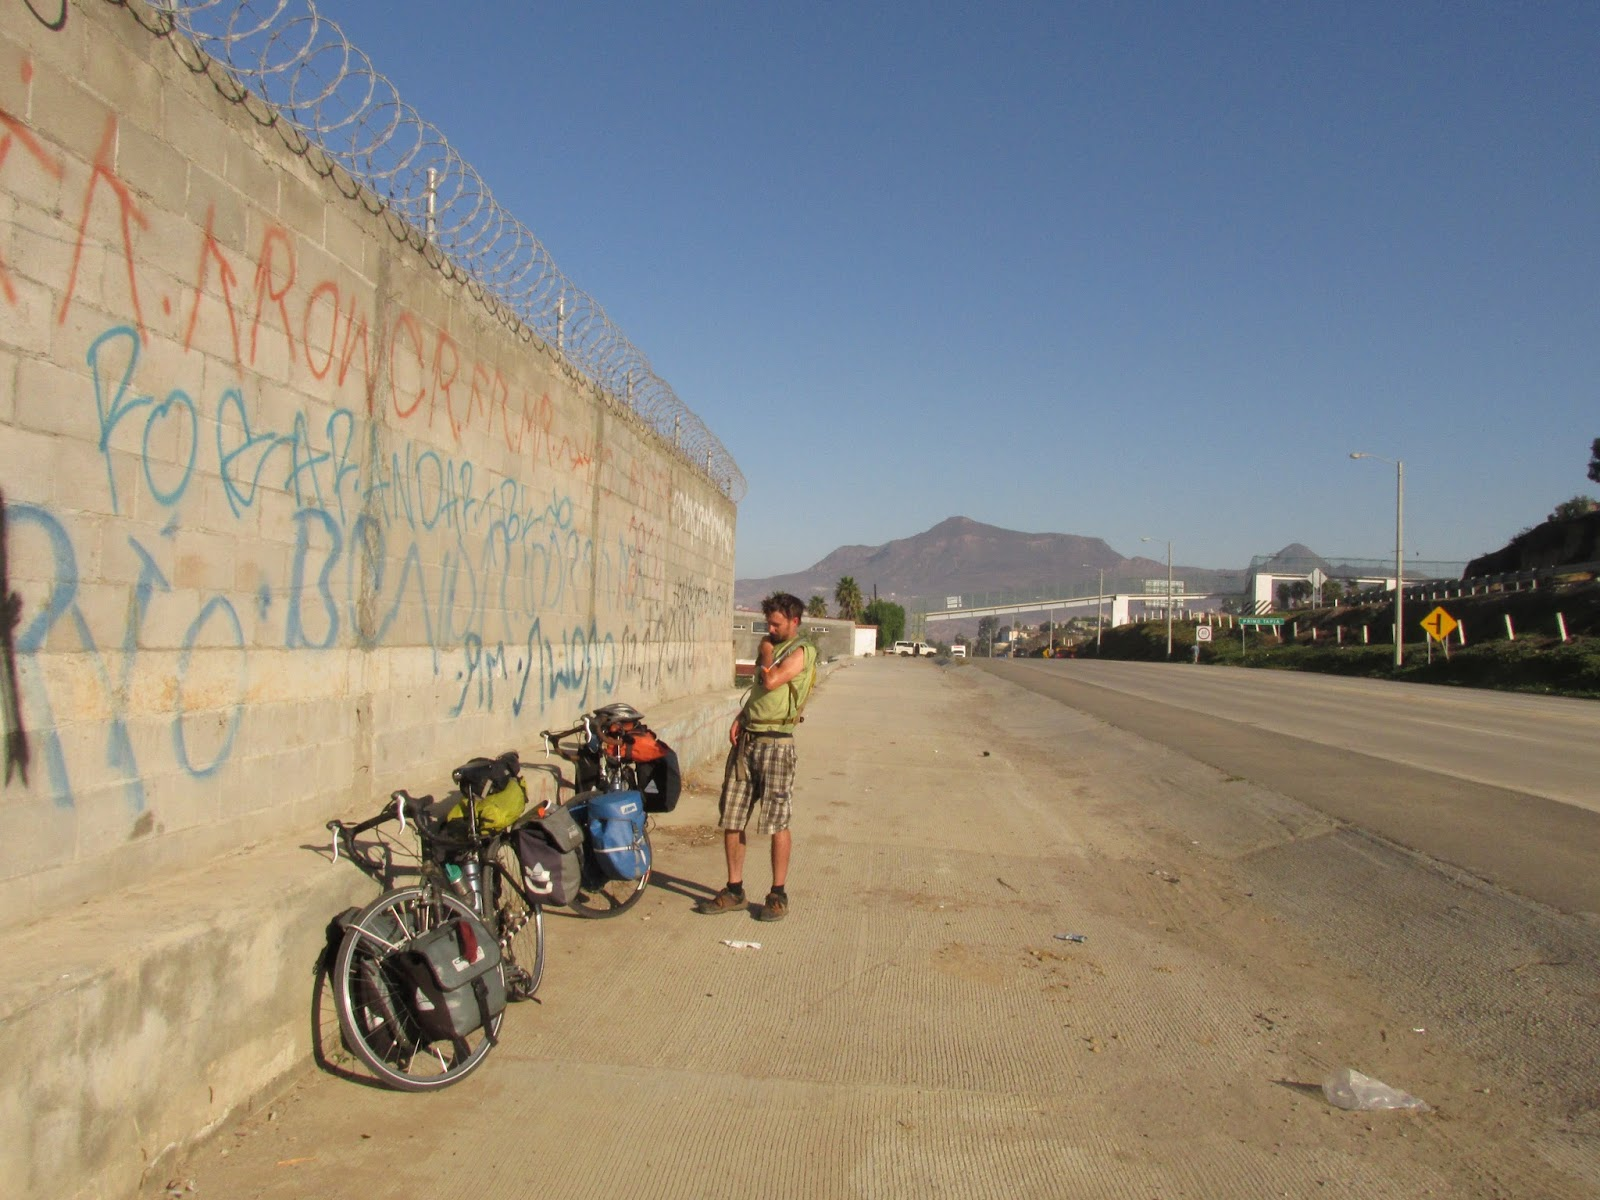 Baja California cycling guide